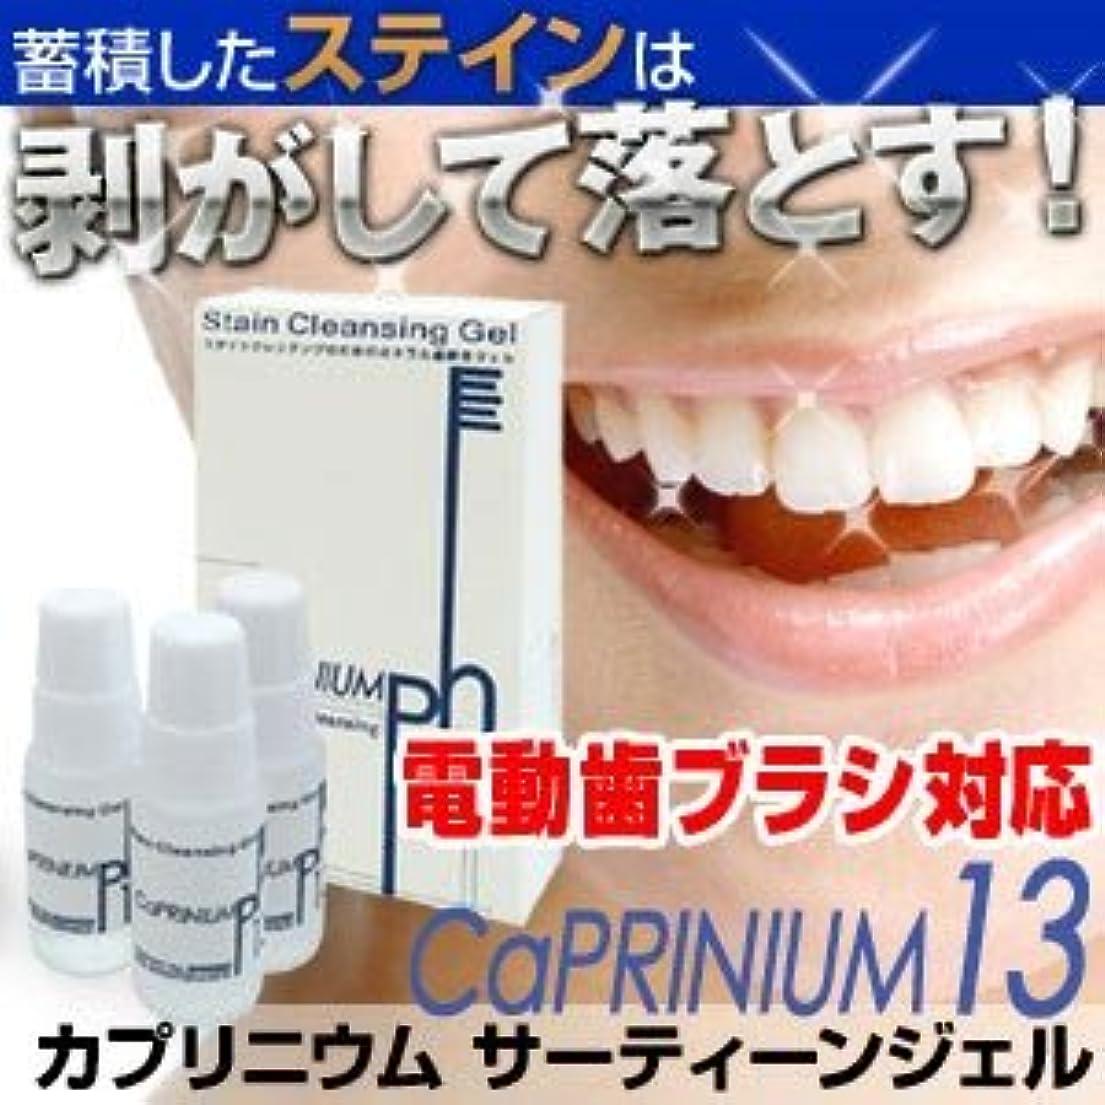 カバレッジハウスチャームカプリニウム サーティーンジェル(CaPRINIUM 13) 新発想のホワイトニング歯磨きジェル